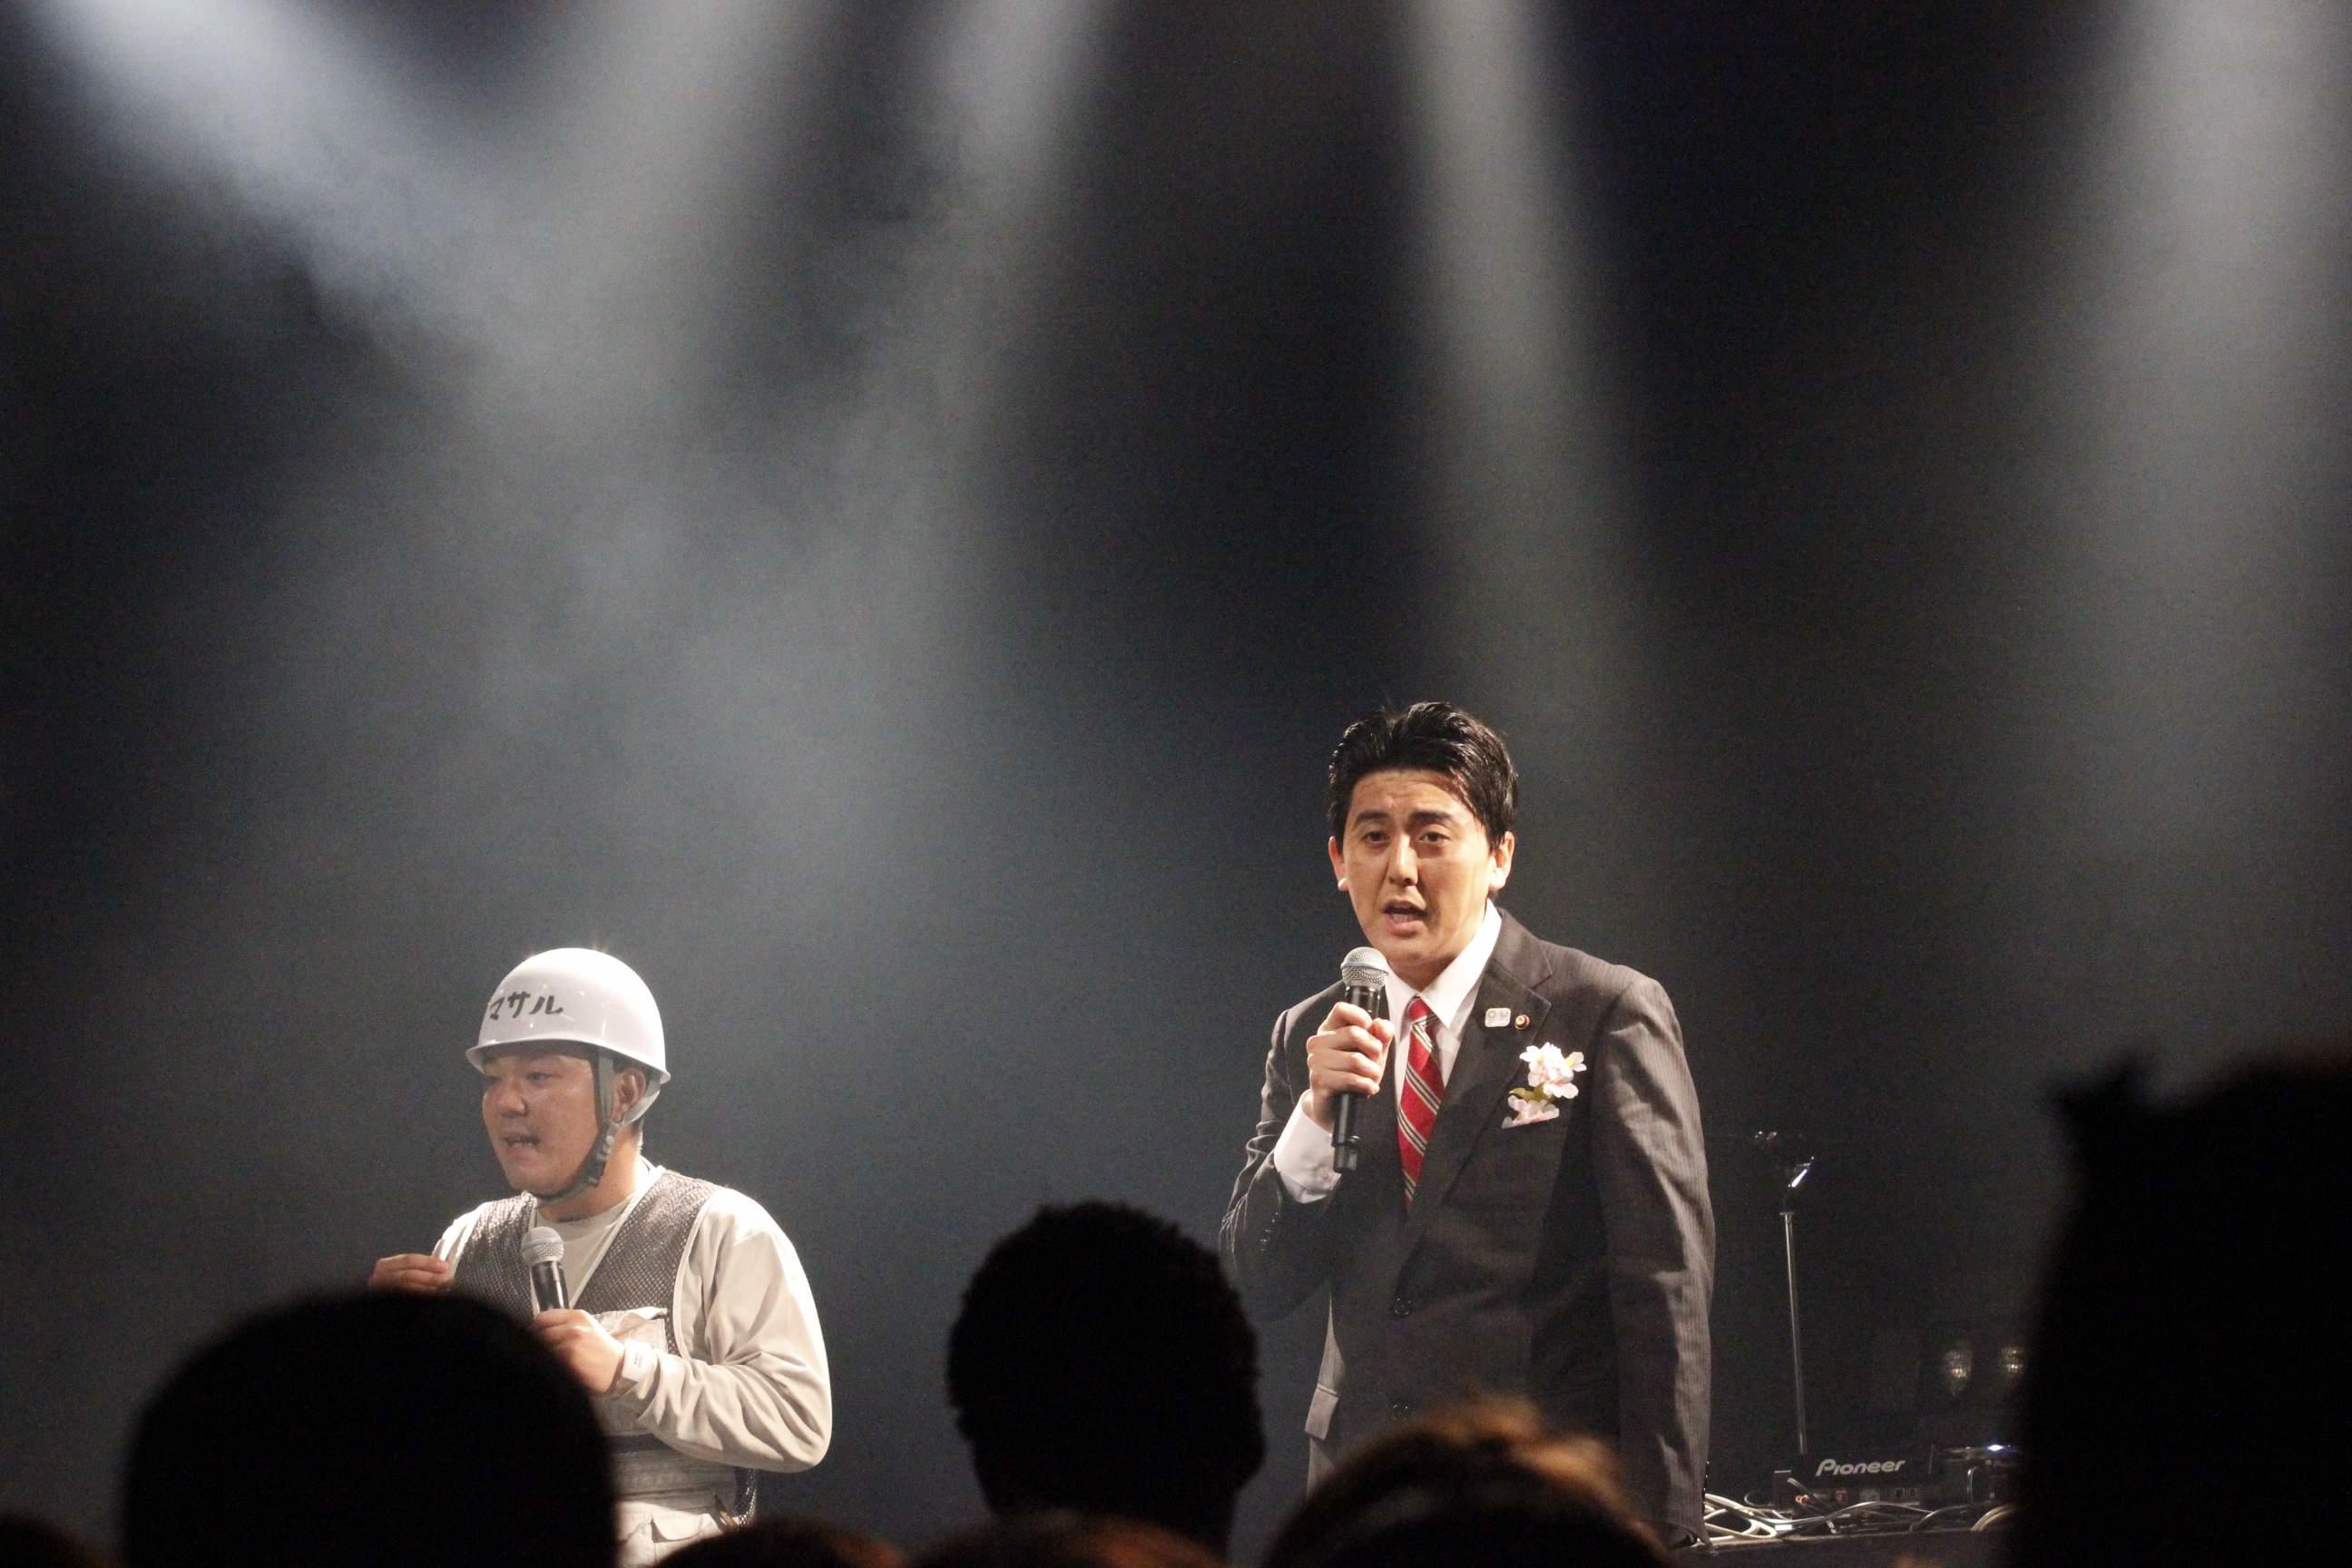 http://news.yoshimoto.co.jp/20171013113643-261b7ed64983f9b75eba4e8e6db8d3e614a3d994.jpg